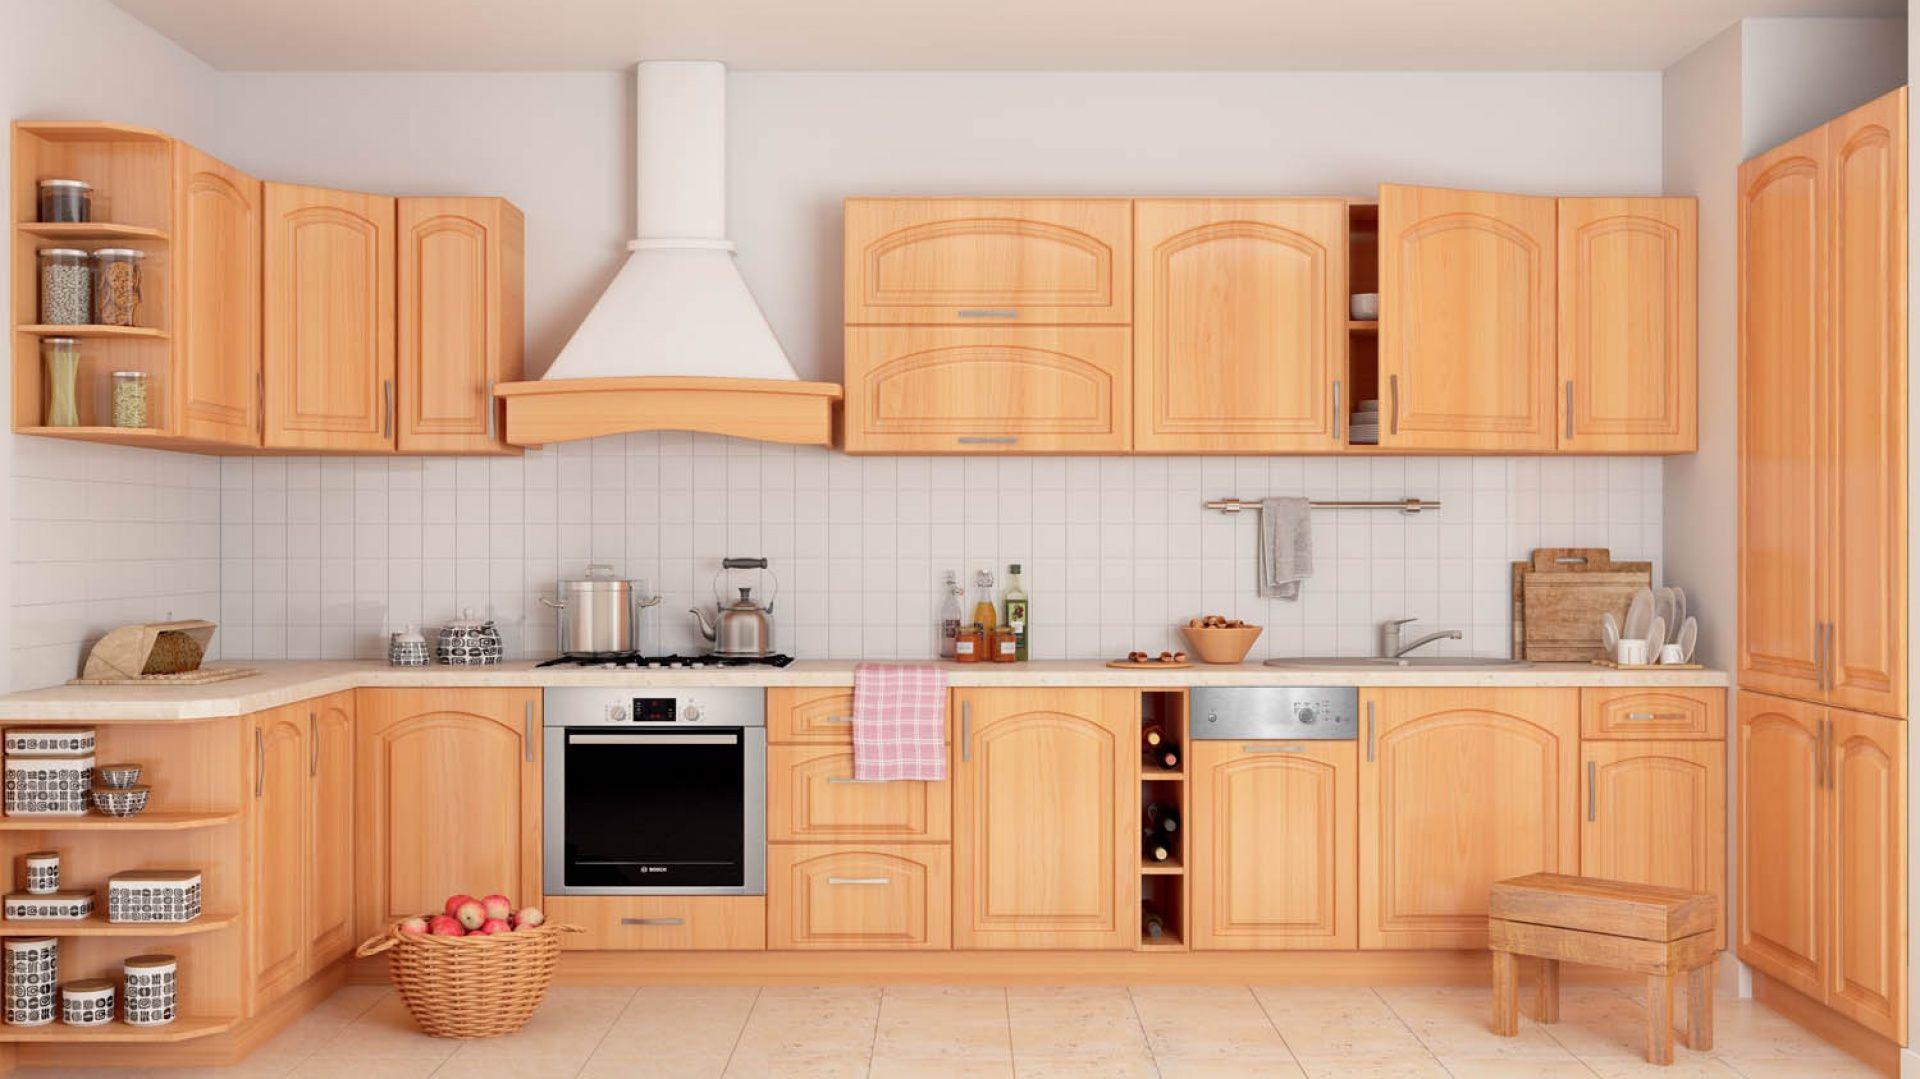 Meble Do Kuchni Do 5000 Zl Zobacz 15 Propozycji Z Polskich Sklepow Home Decor Dream Bedroom Decor